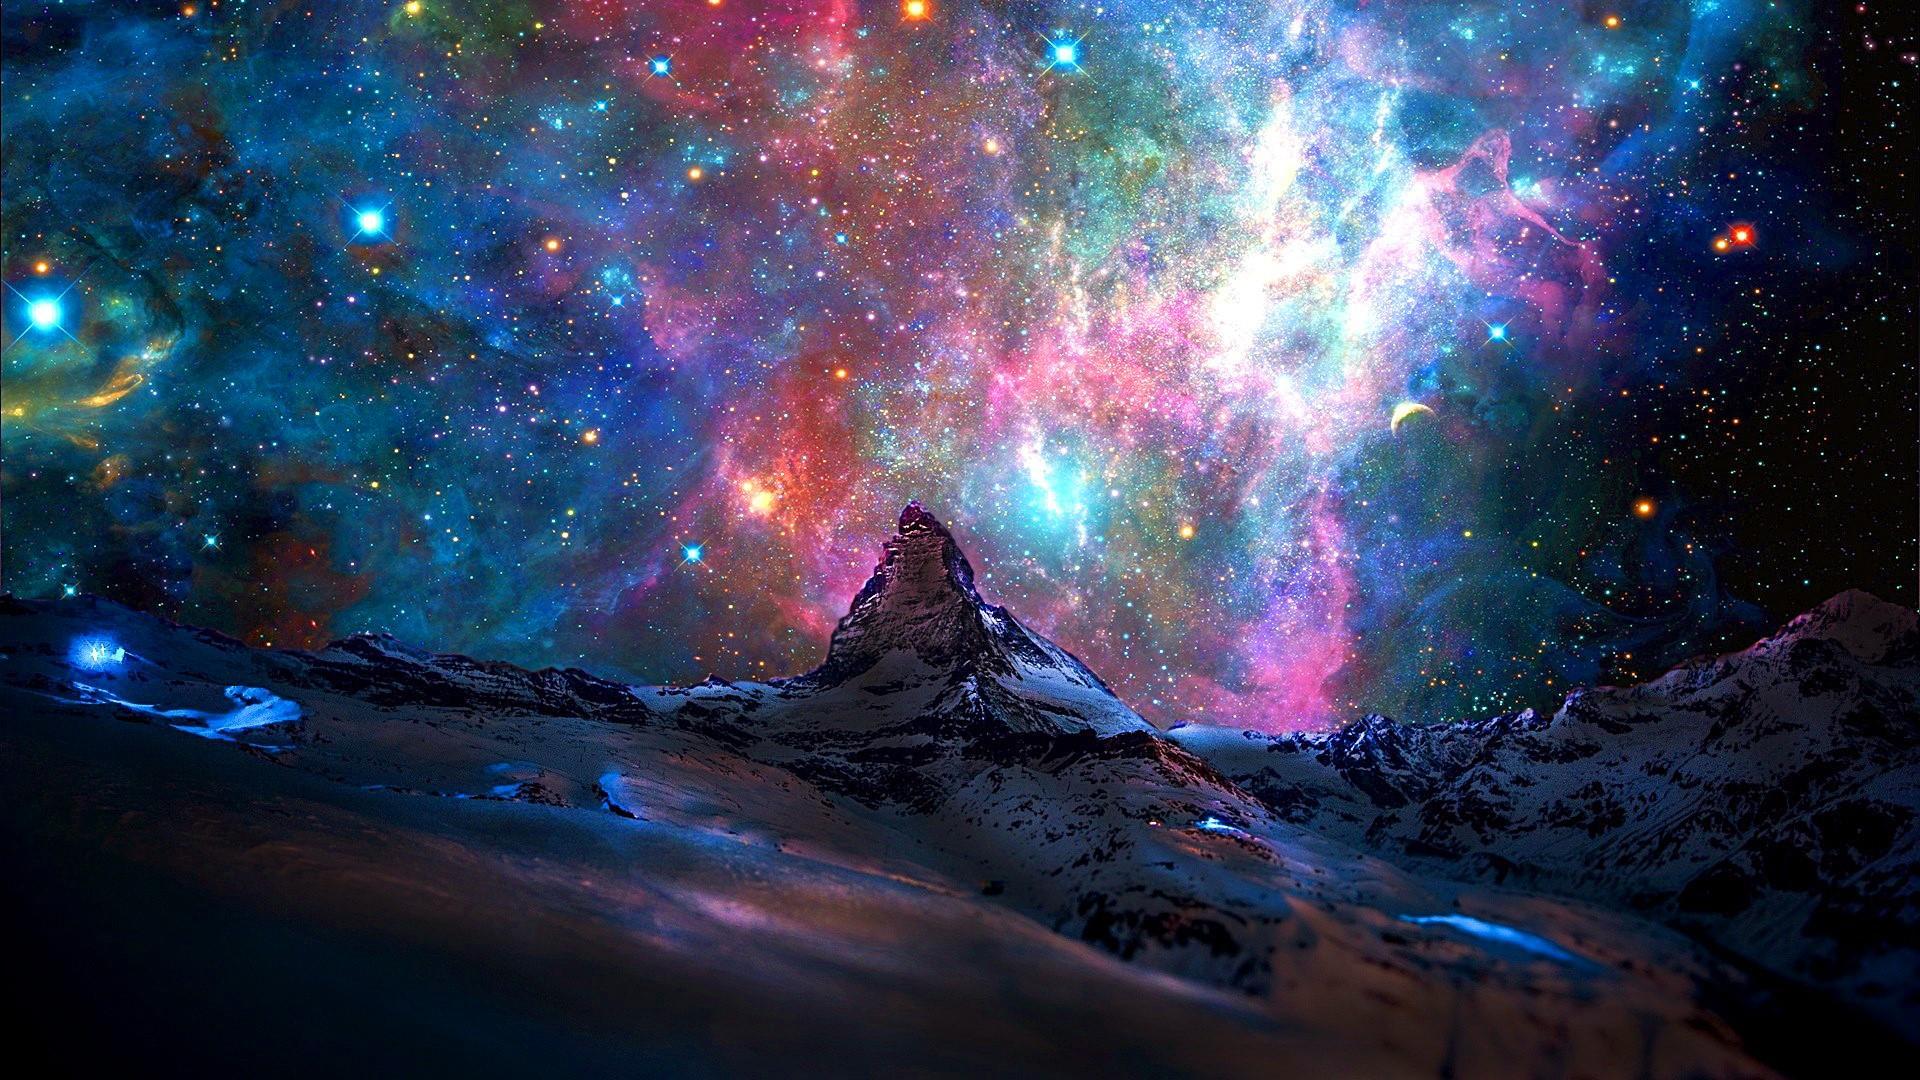 Vũ trụ luôn đa sắc màu